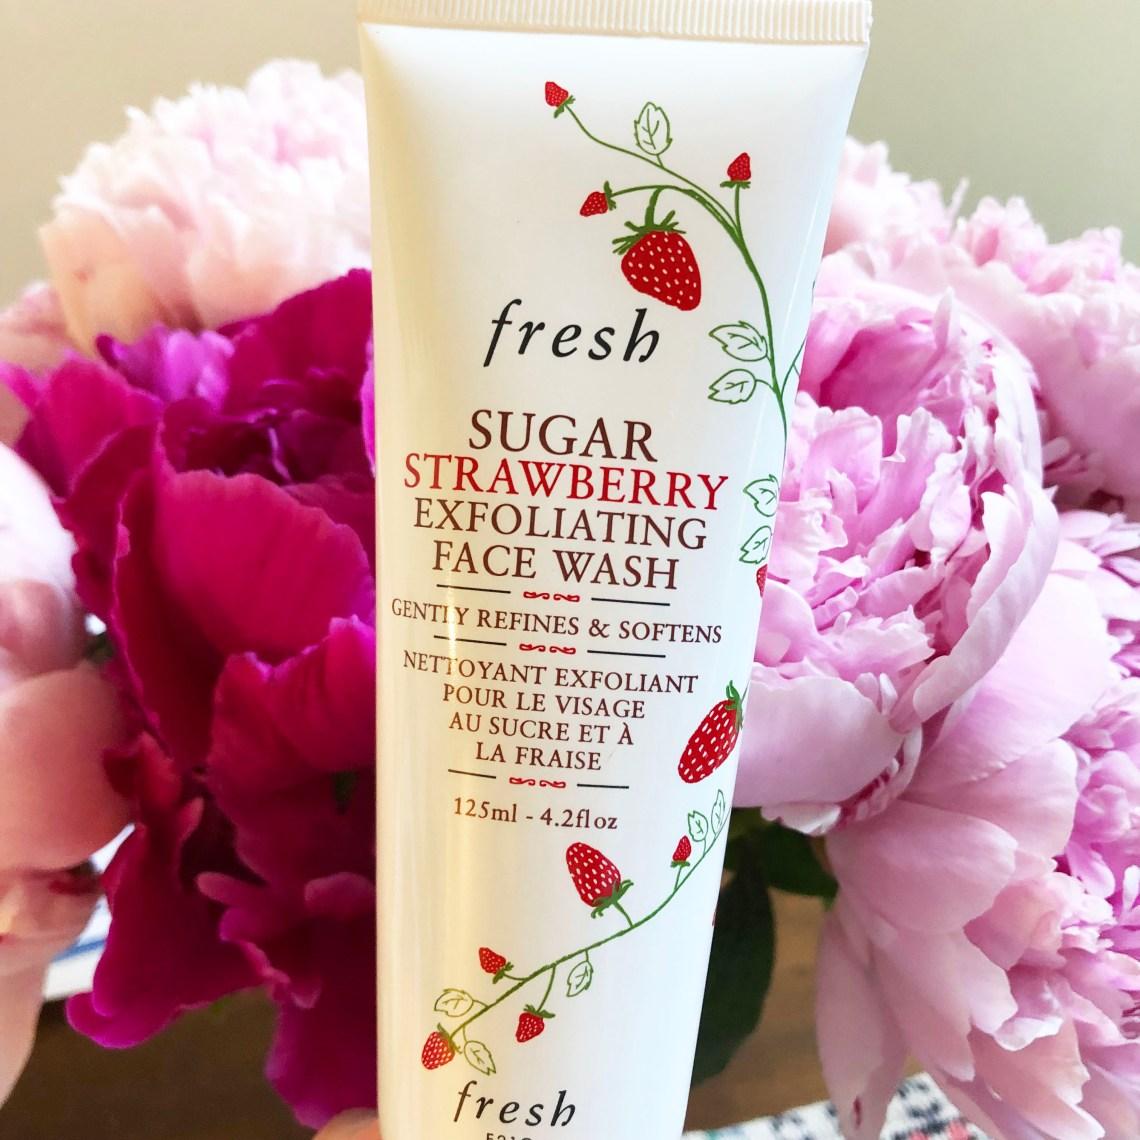 Fresh - Sugar Strawberry Exfoliating Face Wash